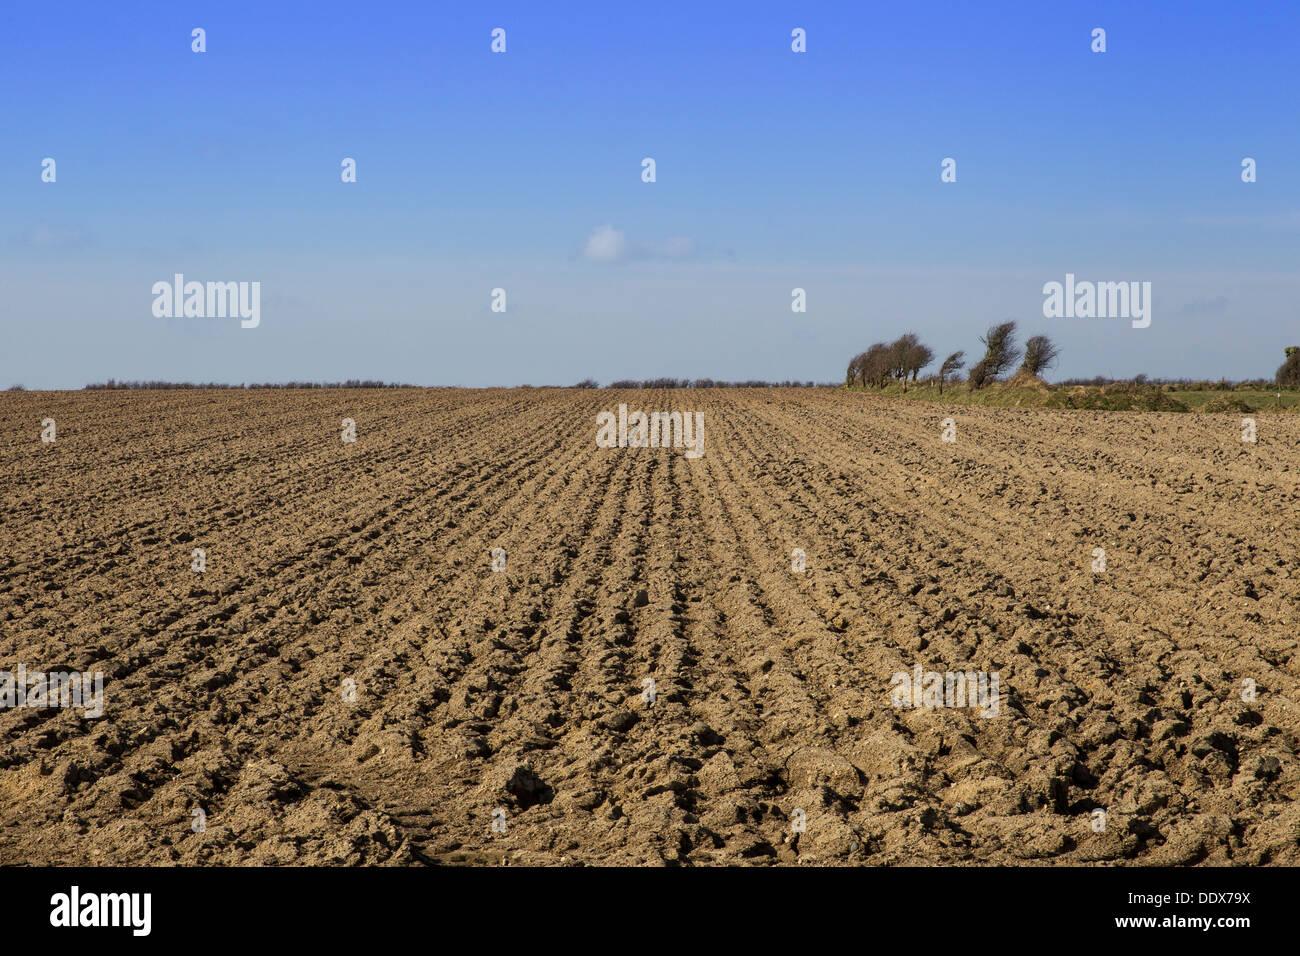 tilled soil - Stock Image